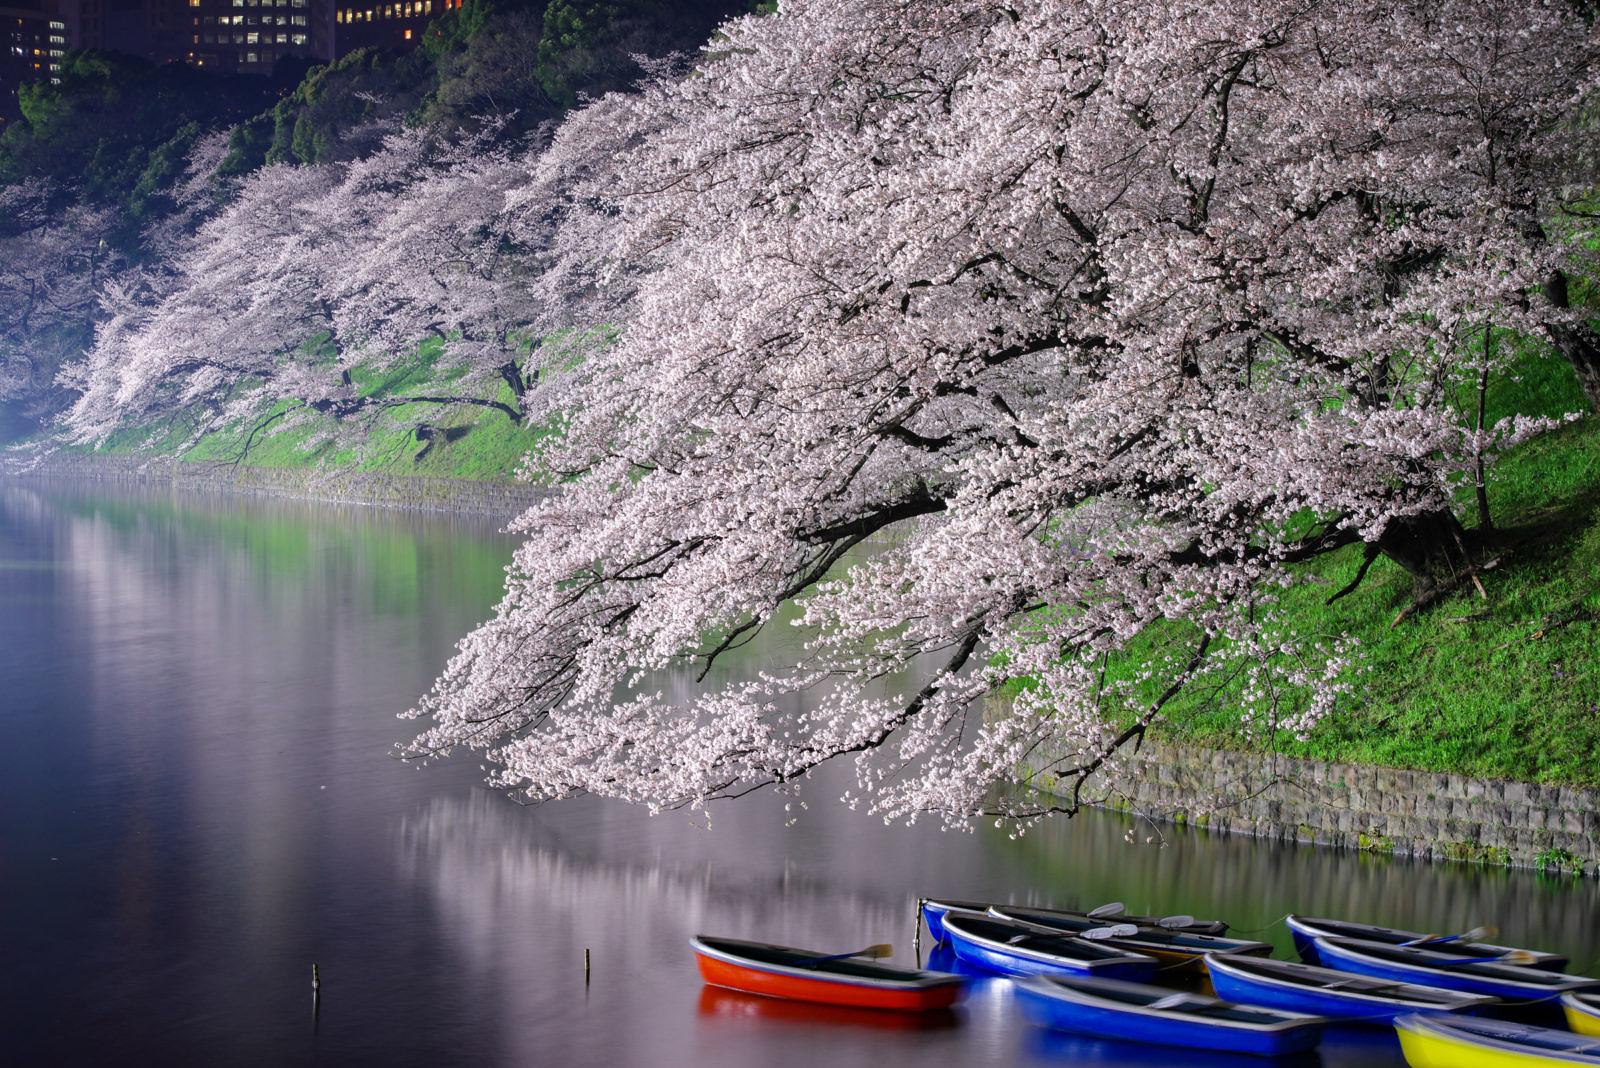 千鳥ヶ淵の桜ライトアップ | PENTAX K-1&D FA★70-200mm